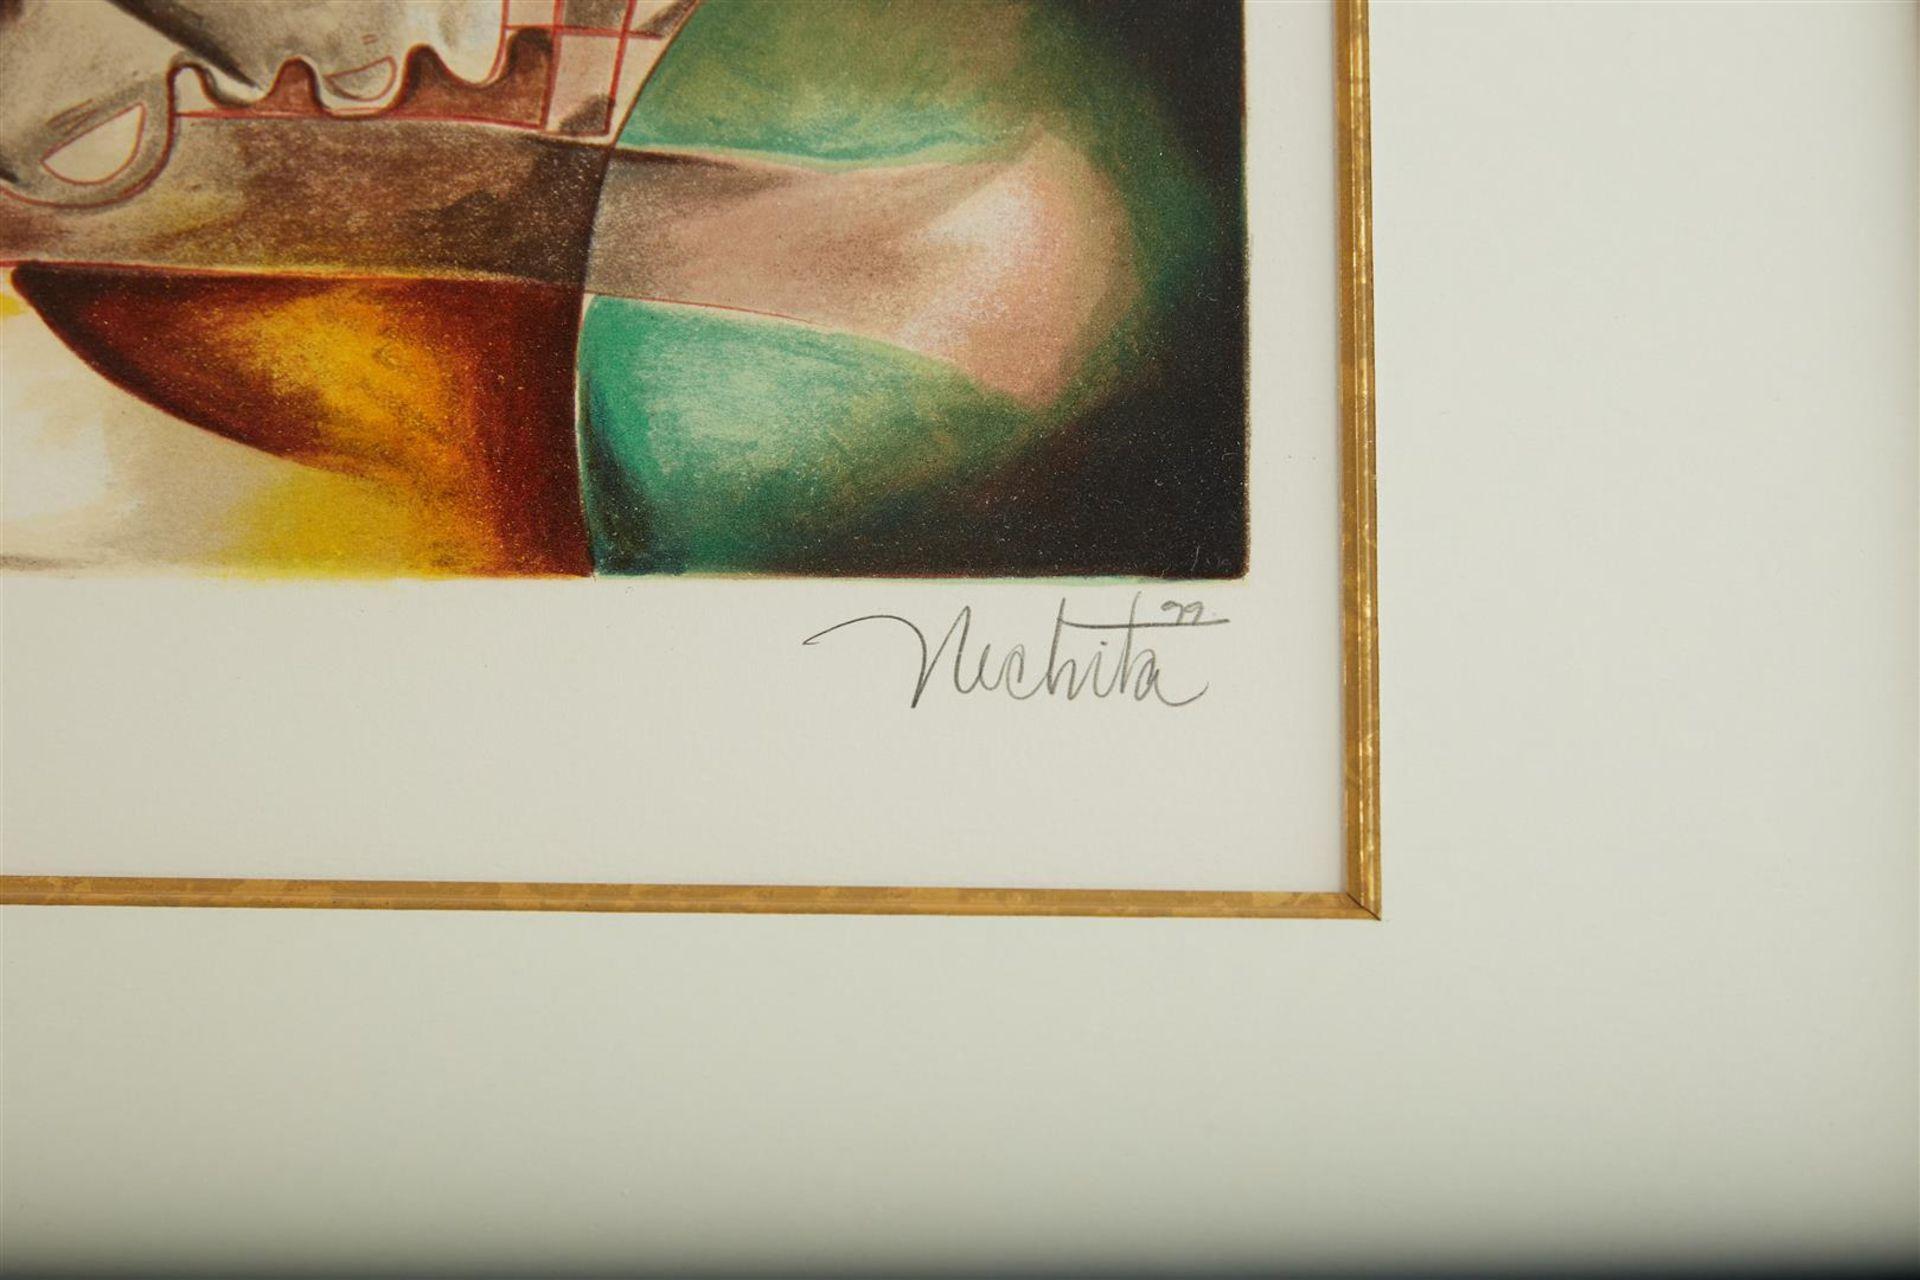 Miss Maui by Alexandra Nechita 131/199 - Image 2 of 6